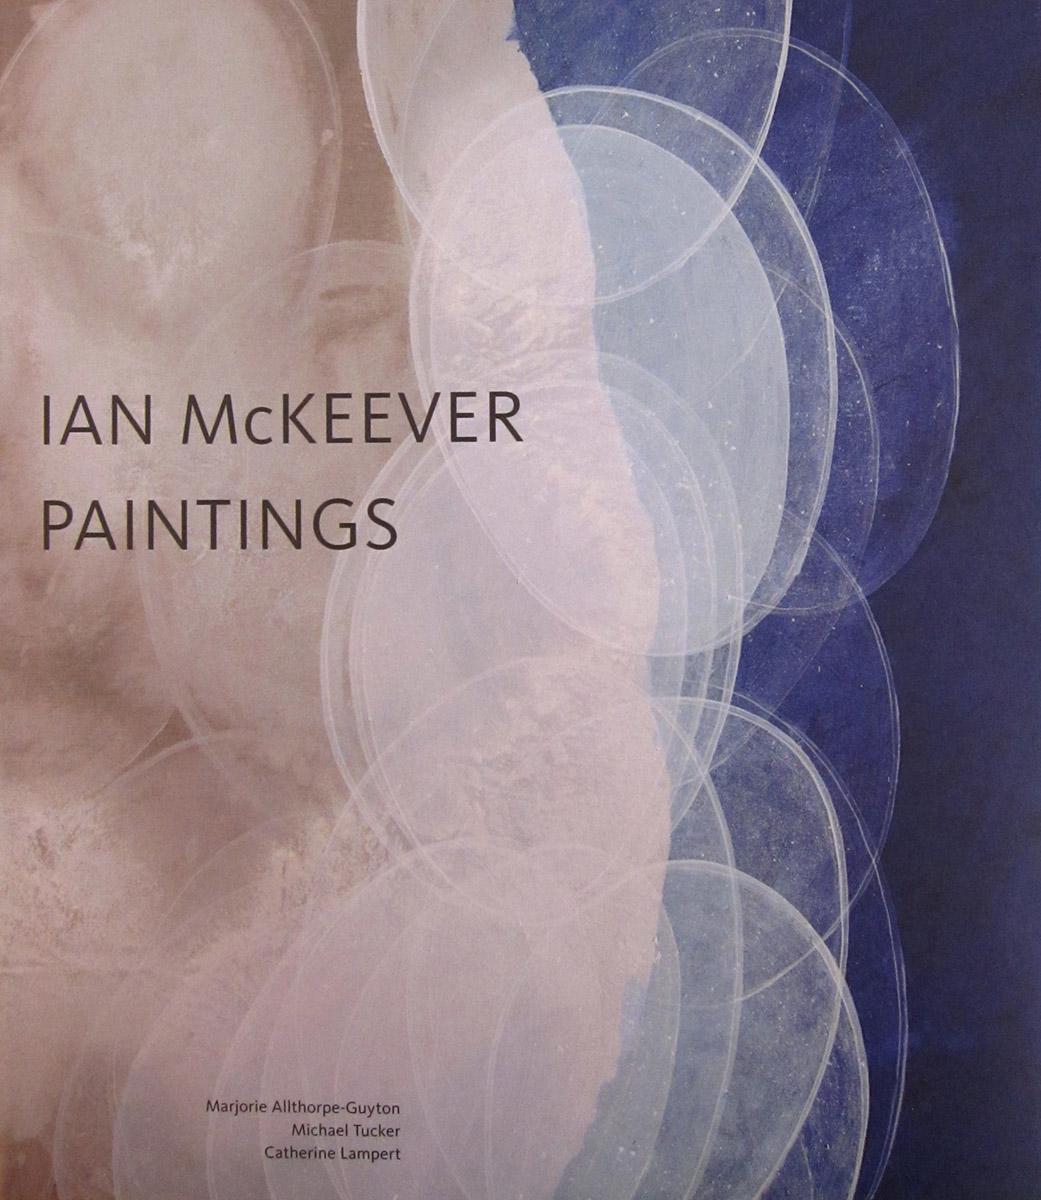 Ian McKeever: Paintings